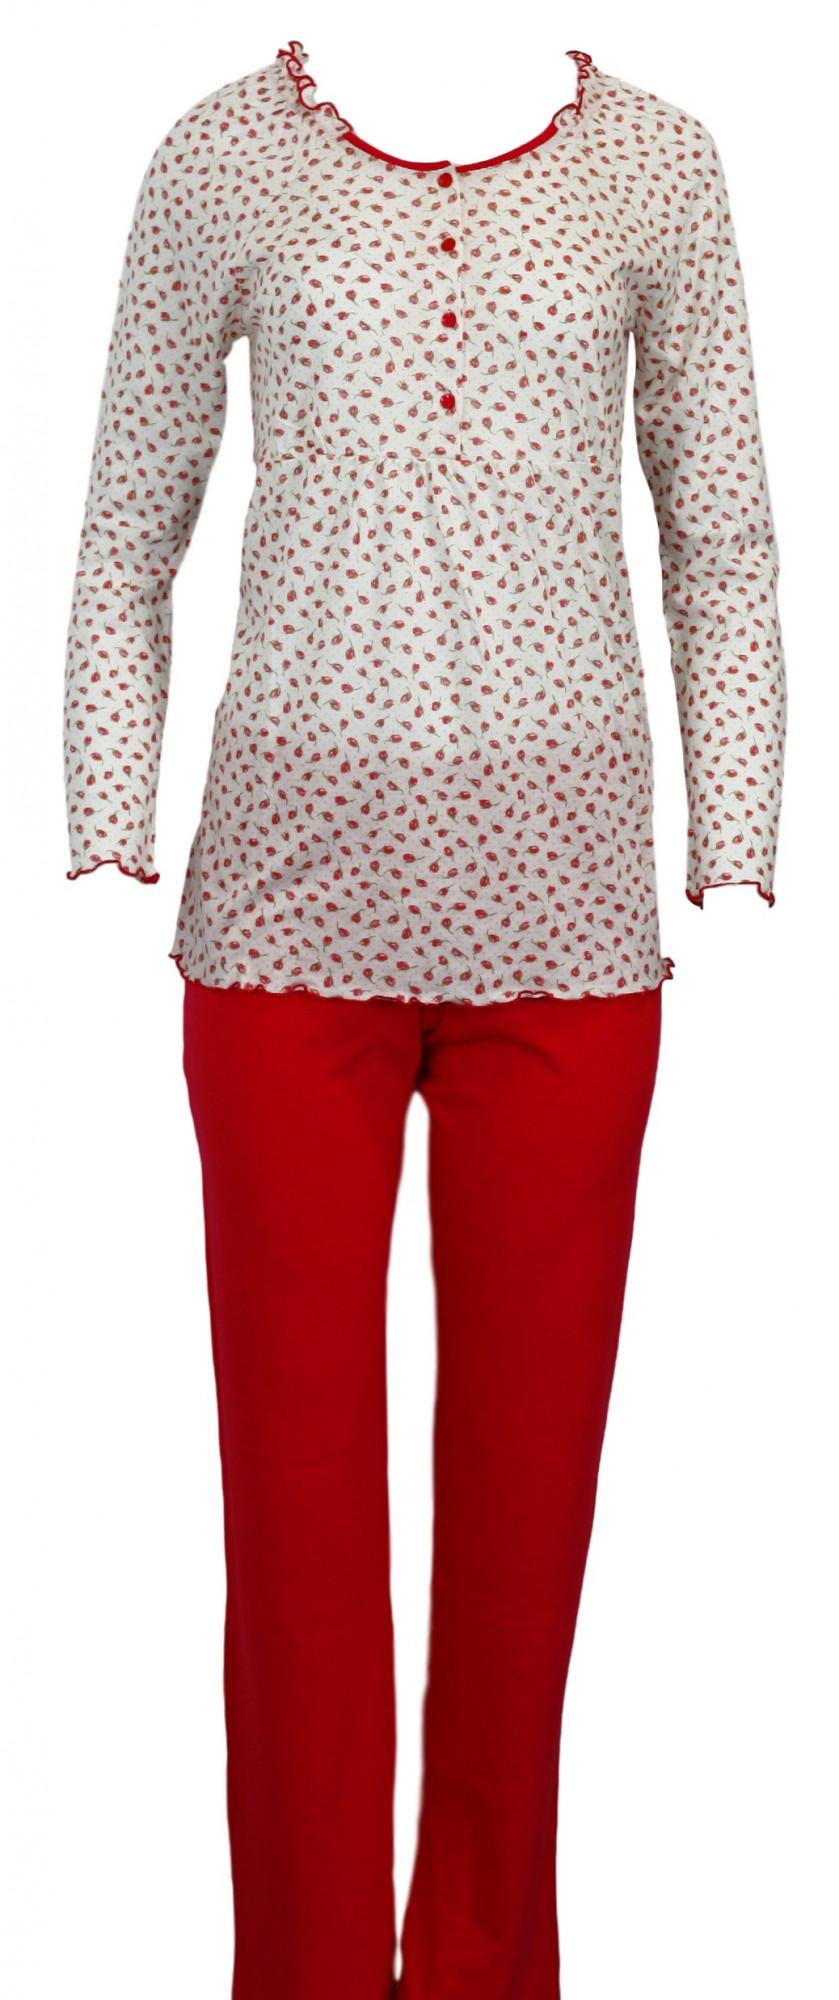 Dámské pyžamo 3537 - Vamp Barva: červená, Velikost: 38